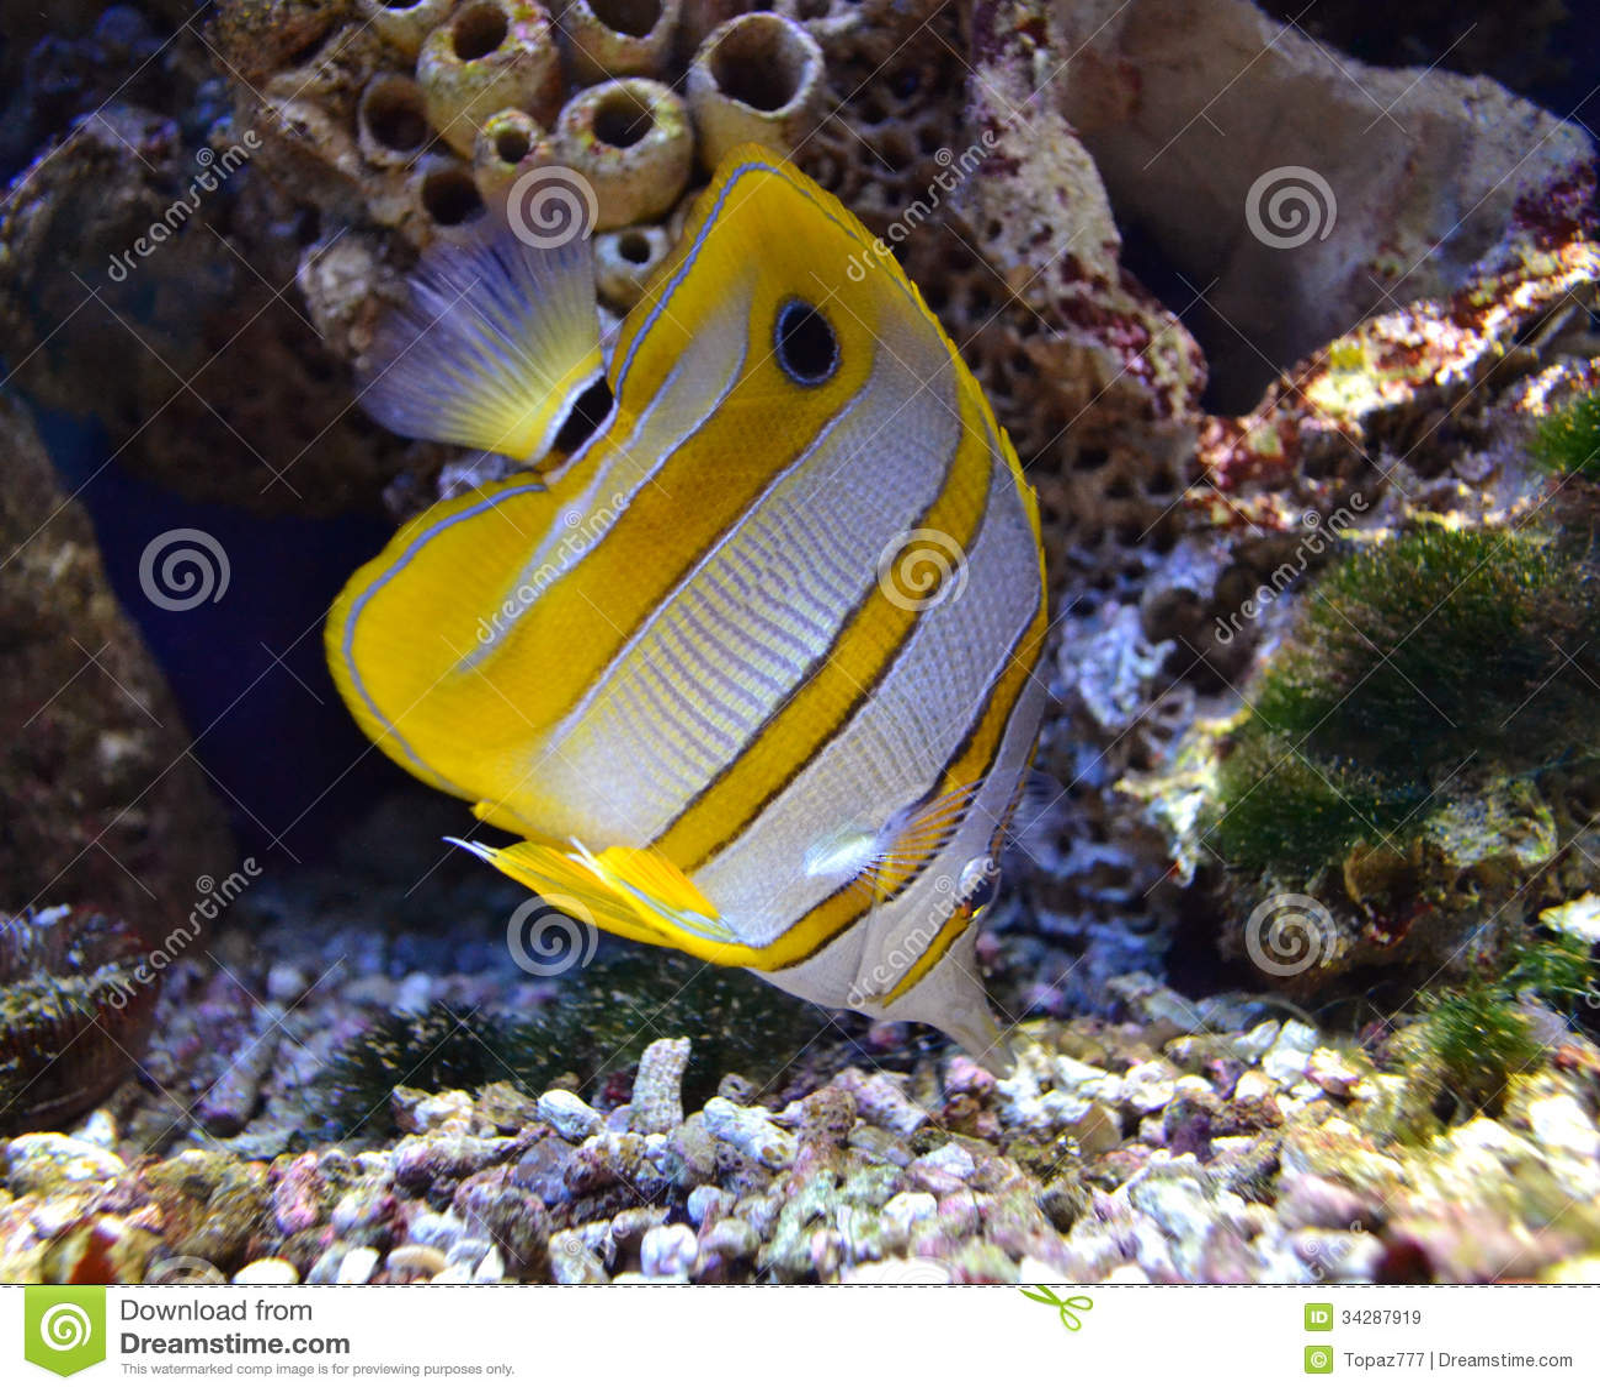 Marine aquarium fish aquatic tropical aquarium.